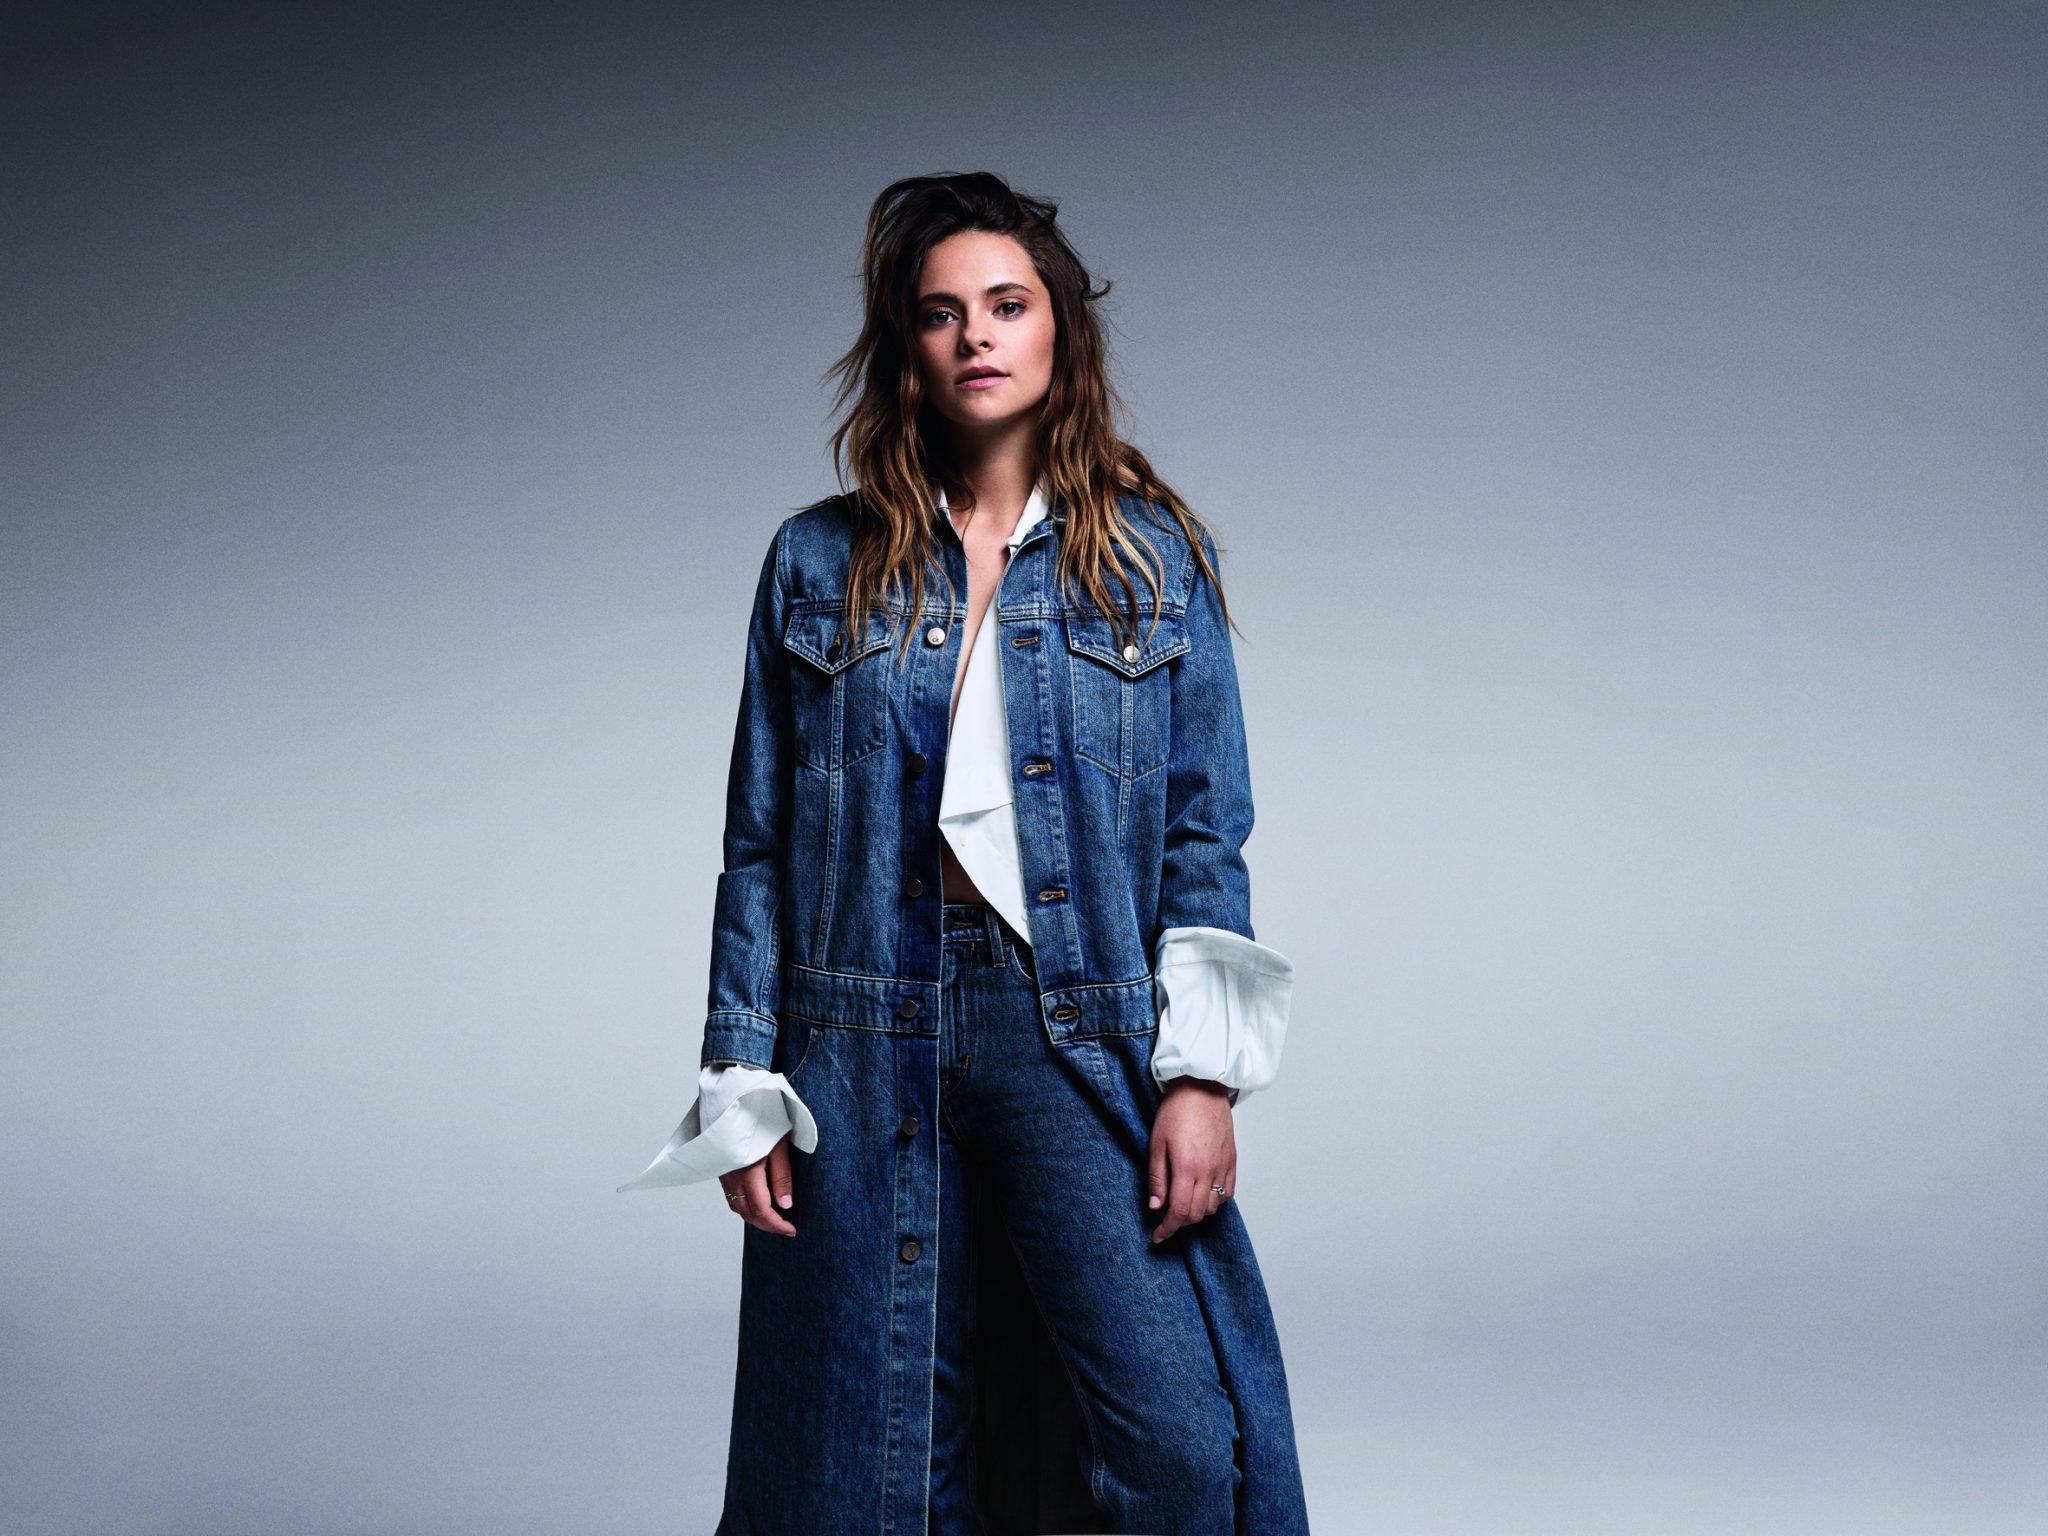 Francesca Michielin, 2640 è il nuovo album. Al via il tour